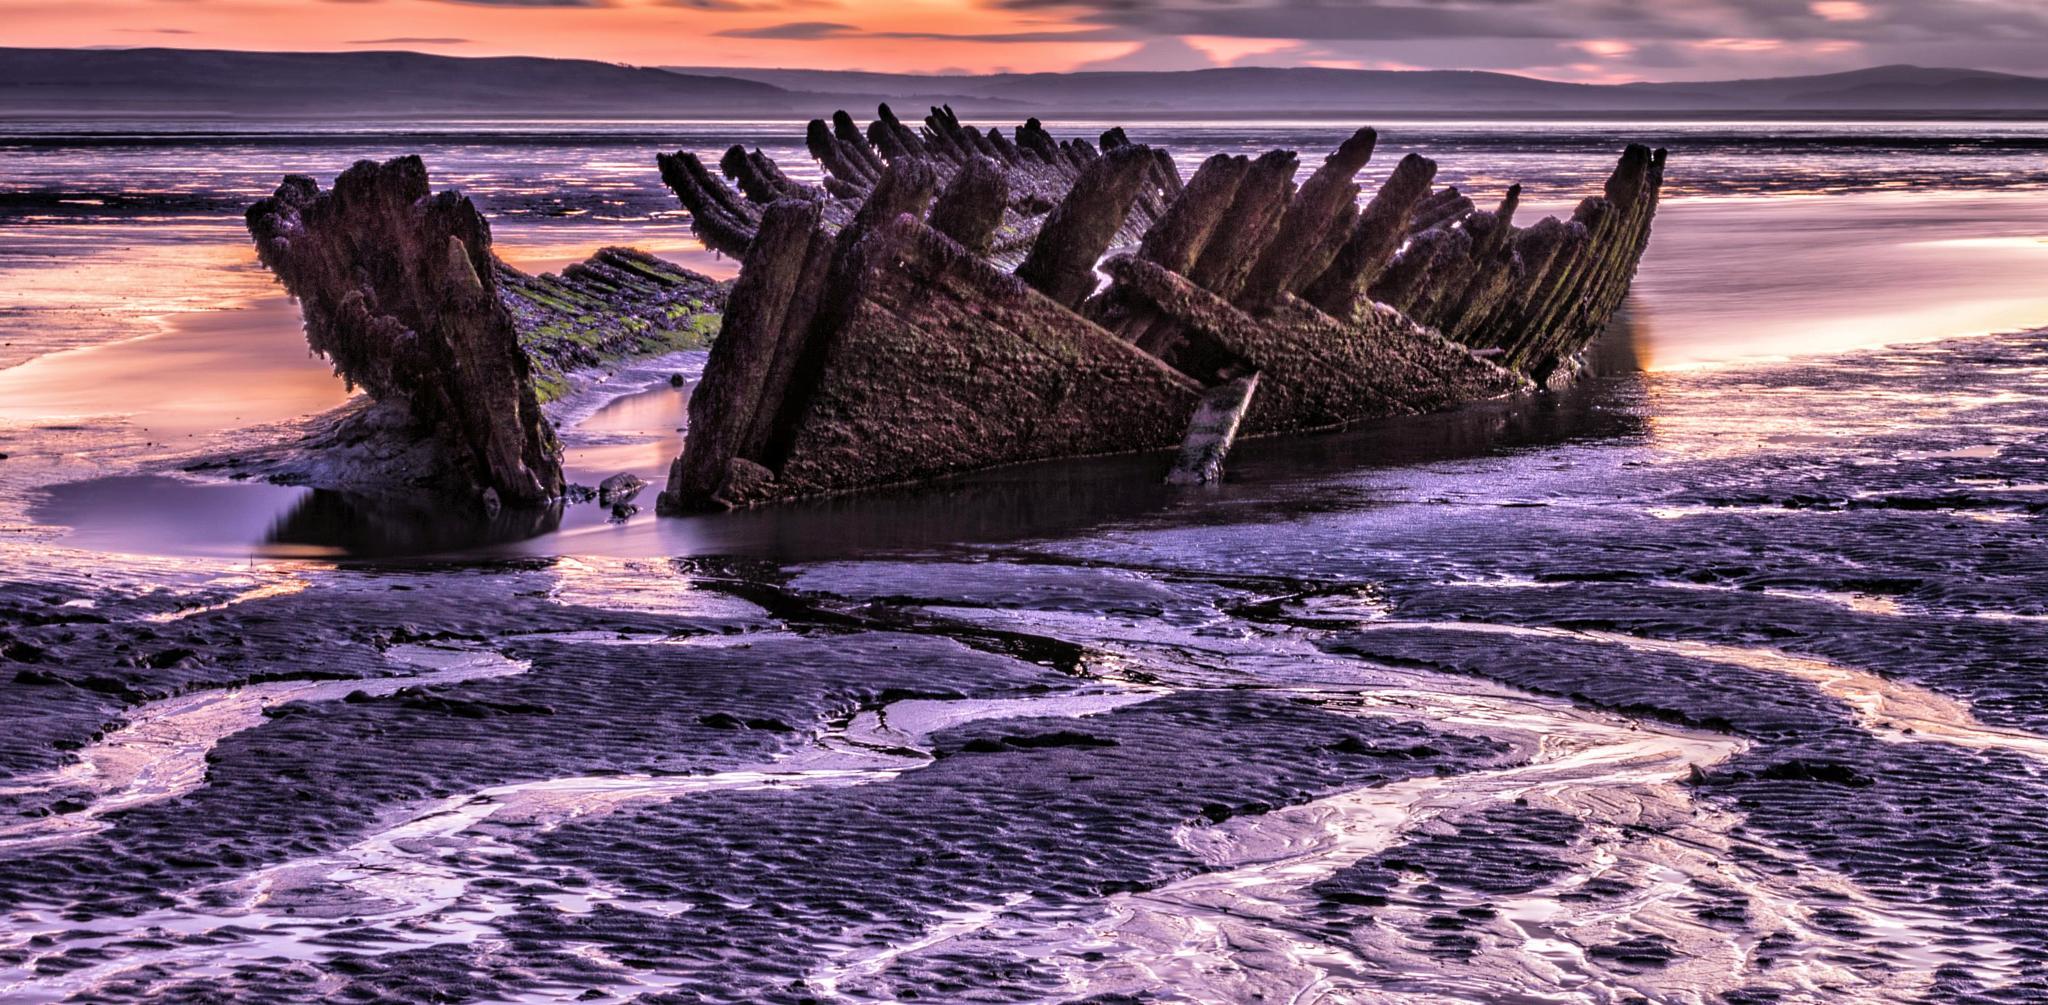 Abandon ship by William Hole